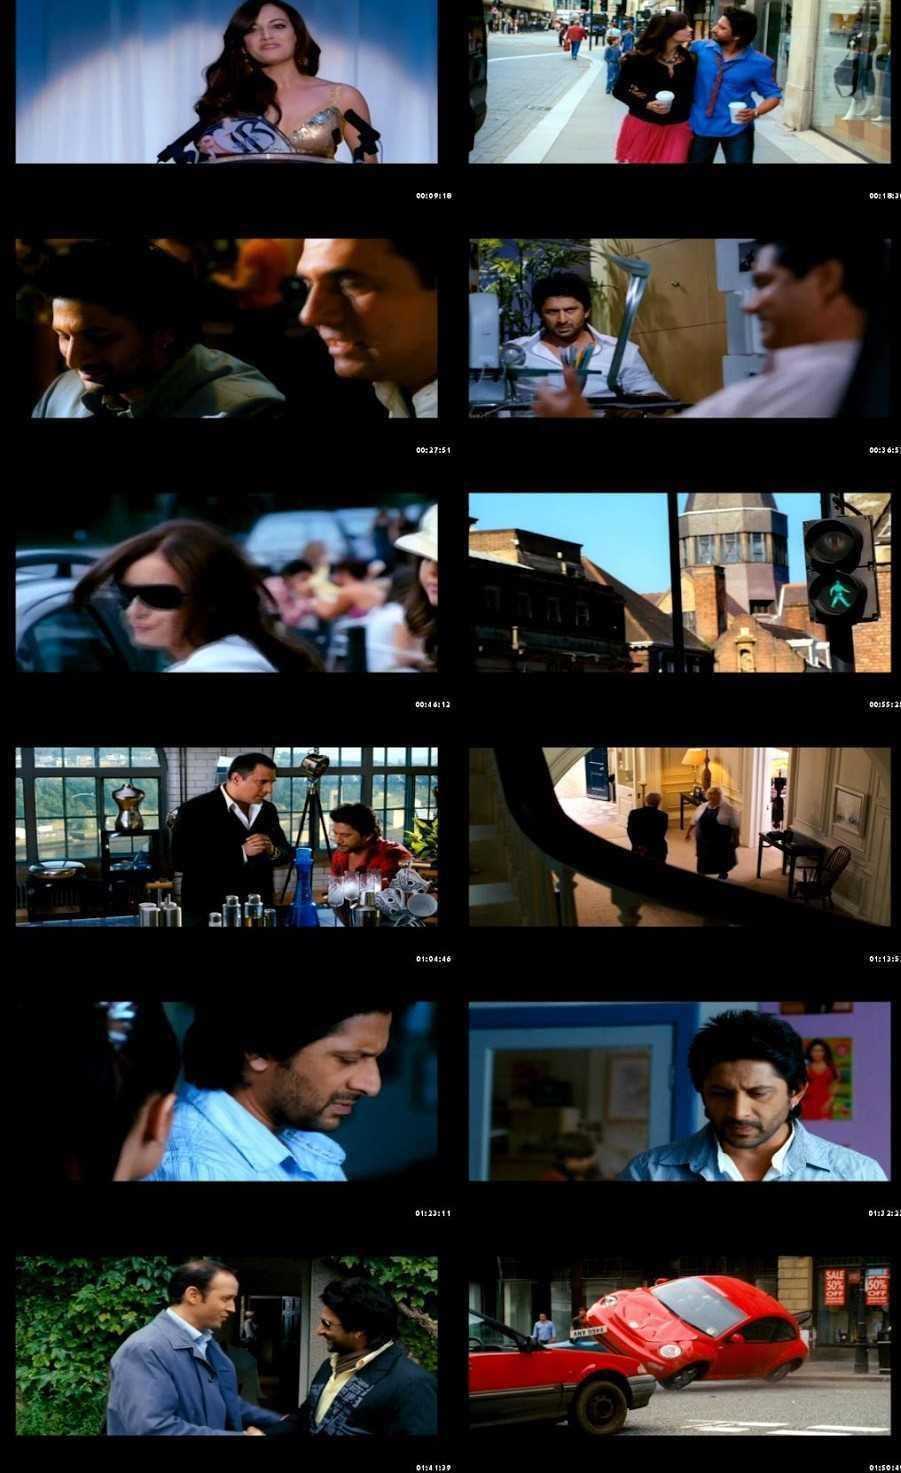 Hum Tum Aur Ghost 2010 Screenshot